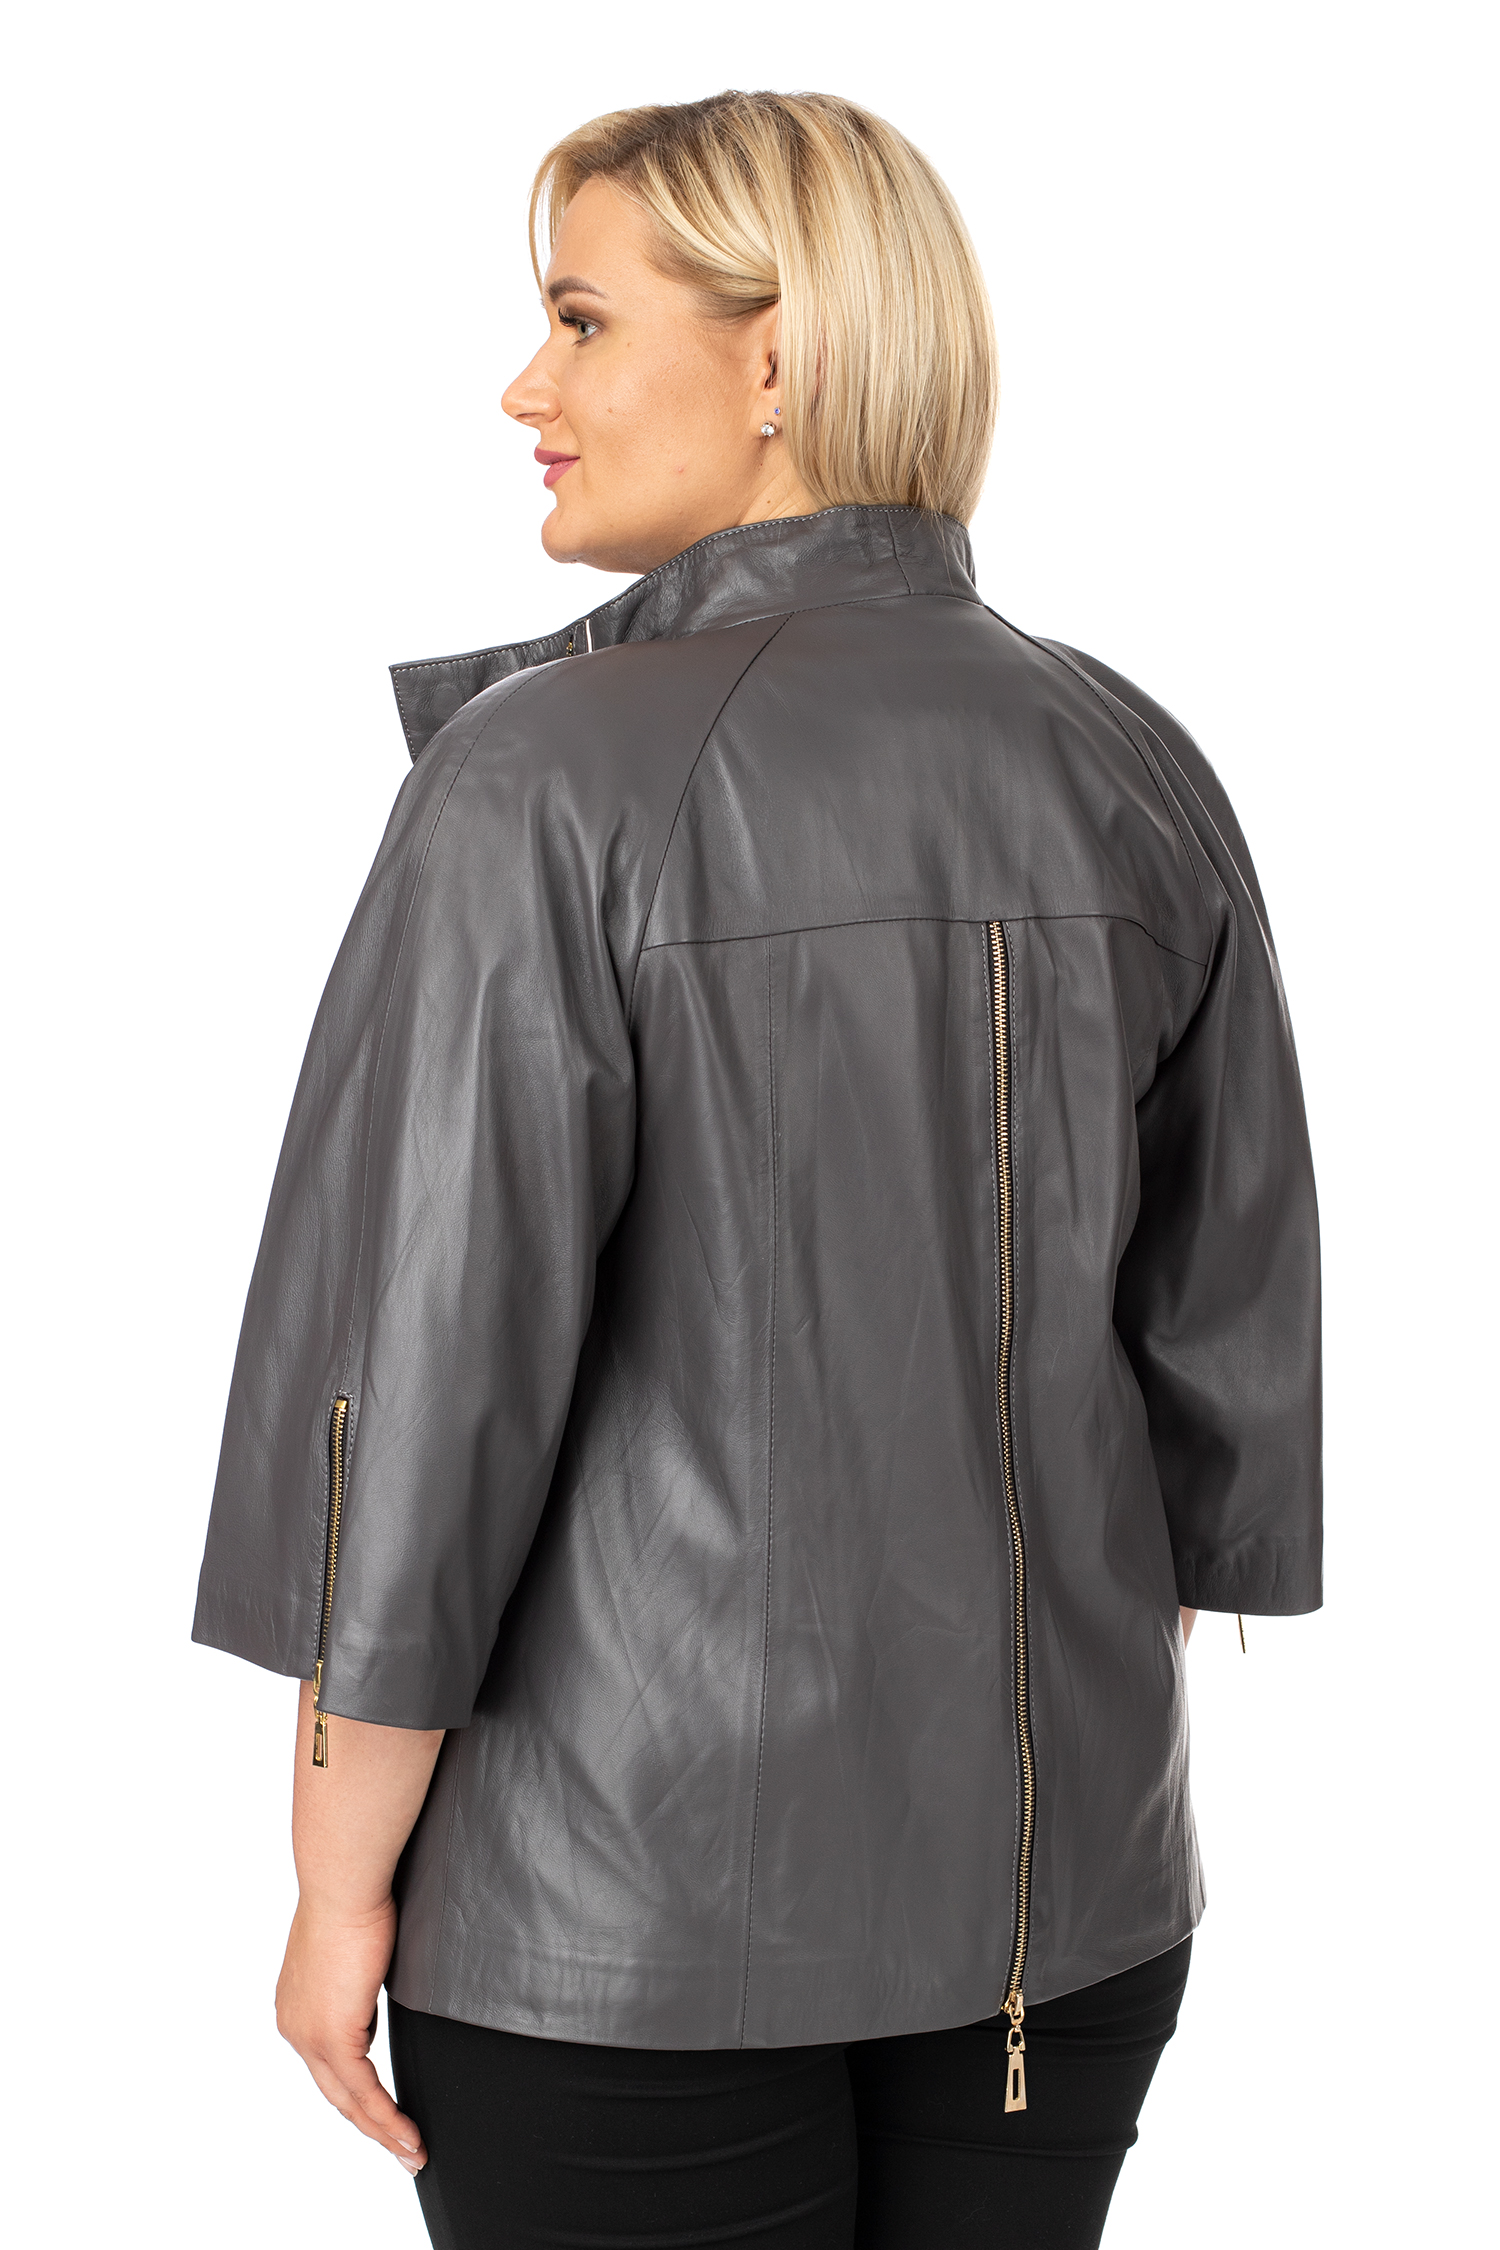 Фото 3 - Женская кожаная куртка из натуральной кожи с воротником от МОСМЕХА серого цвета